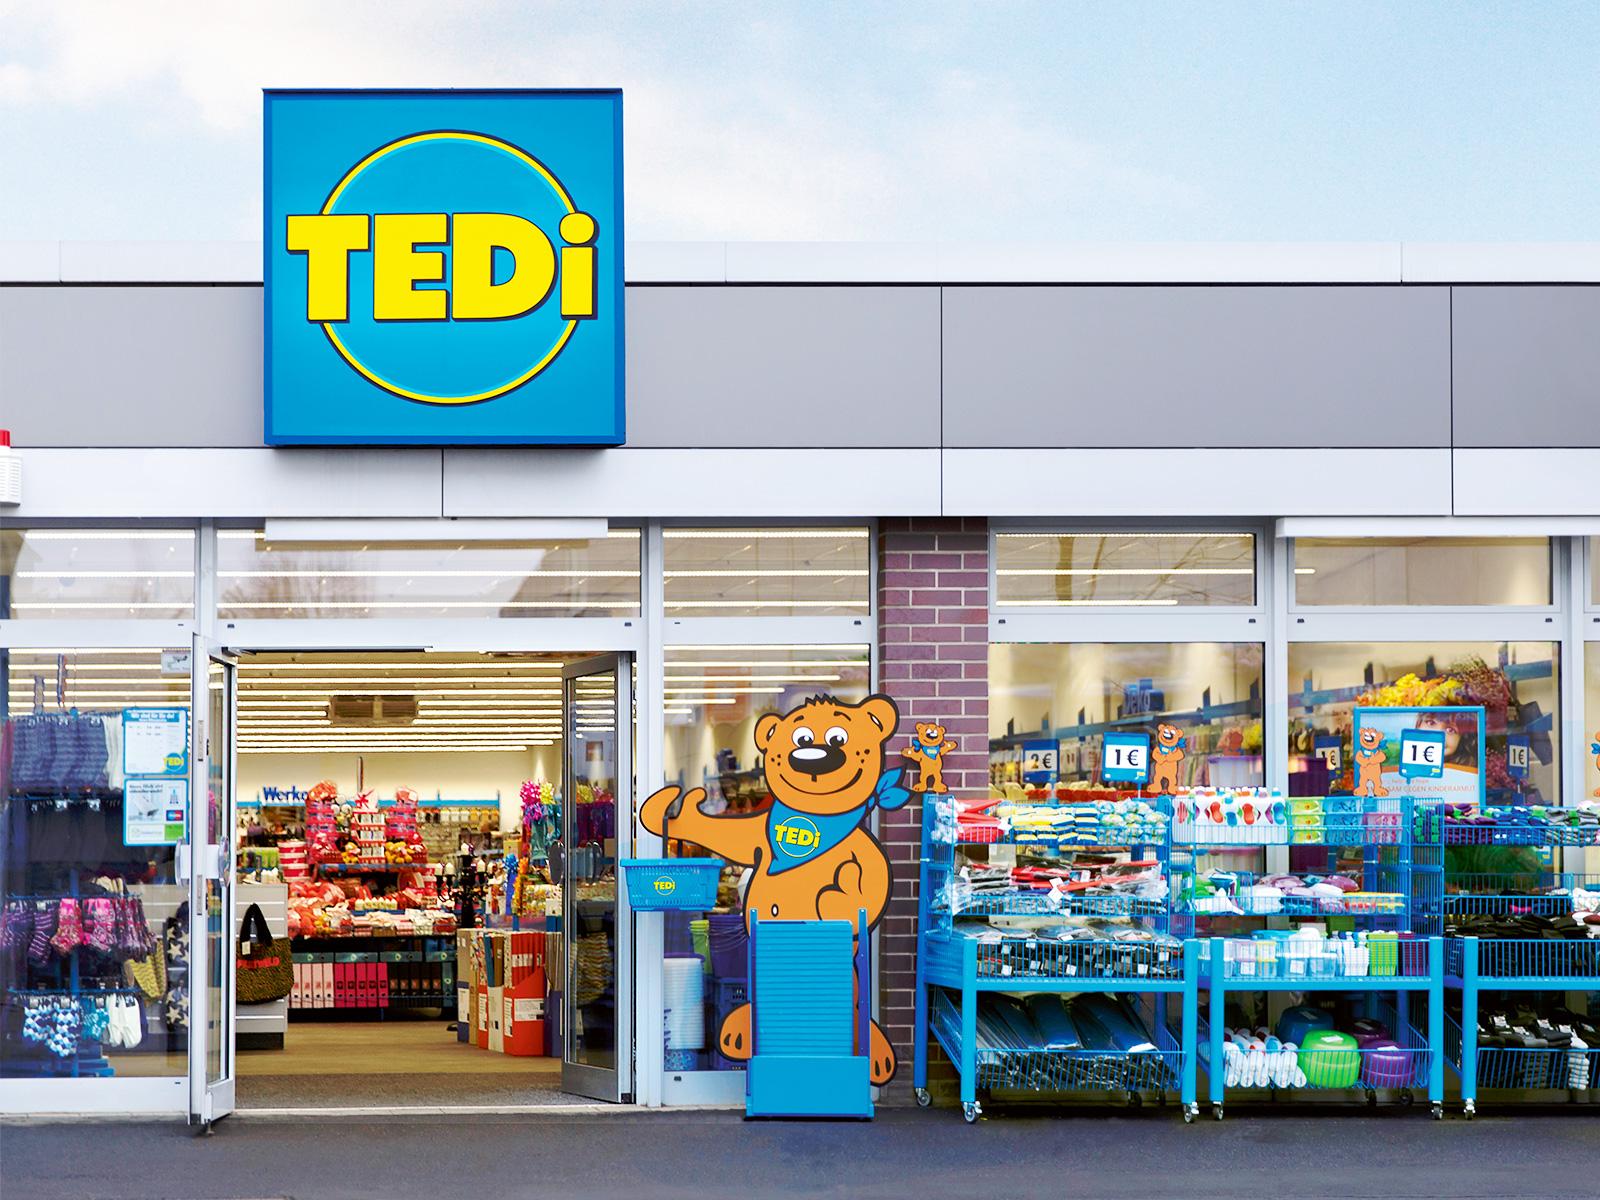 Así es TEDi, la nueva cadena que llega al centro de Ponferrada 1